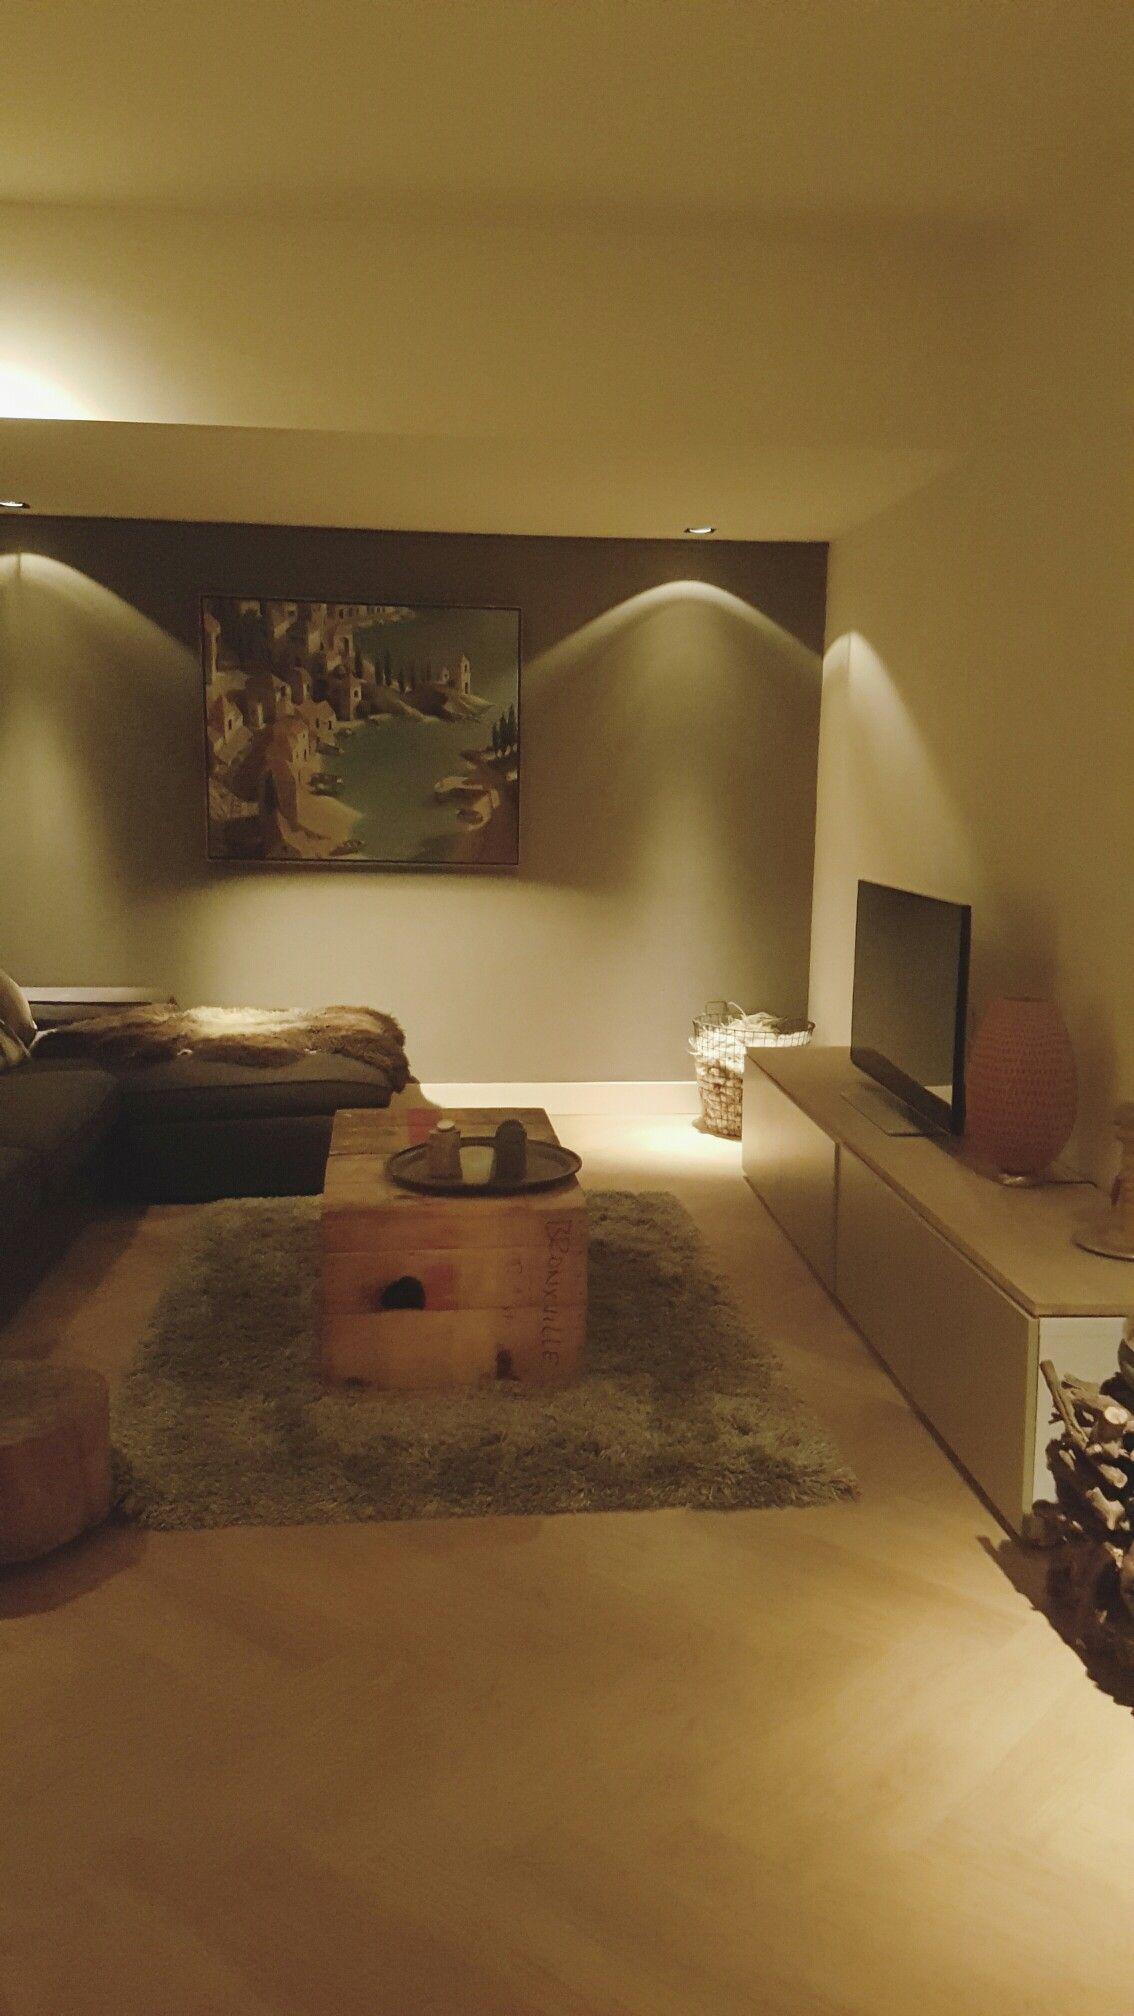 woonkamer tv kamer met inbouwspots | Recente projecten interieur ...